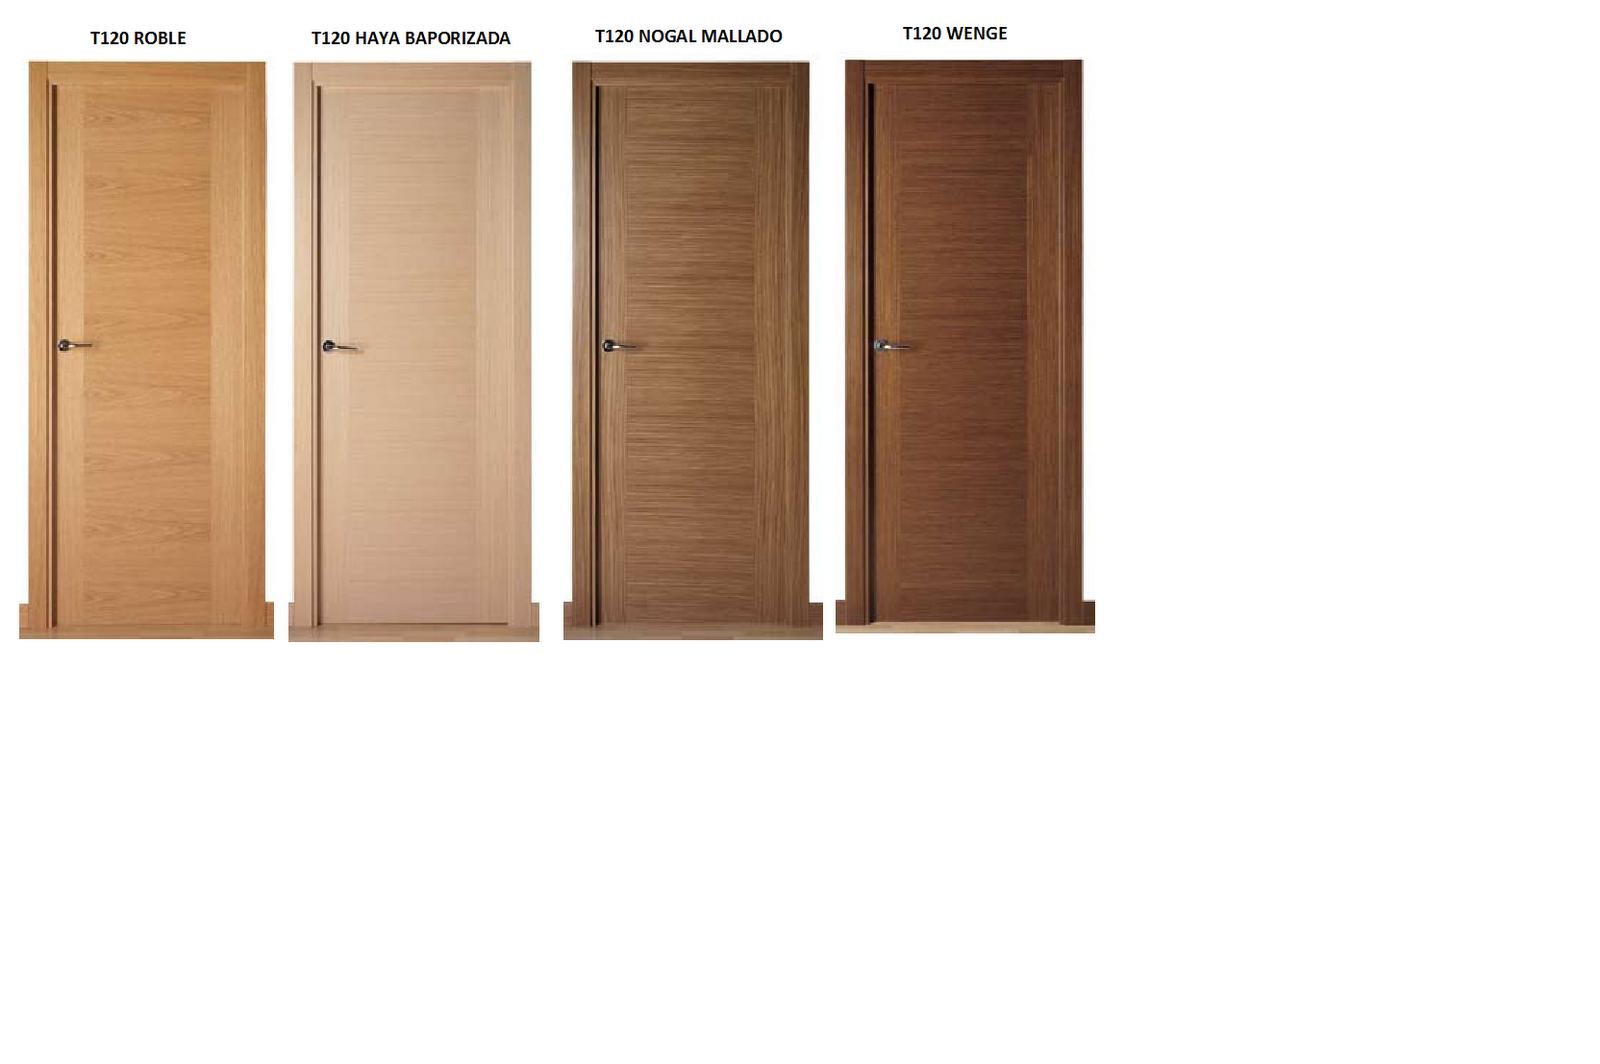 Puertas interior precios excellent leroy merlin coleccin for Puertas de madera exterior modernas precios